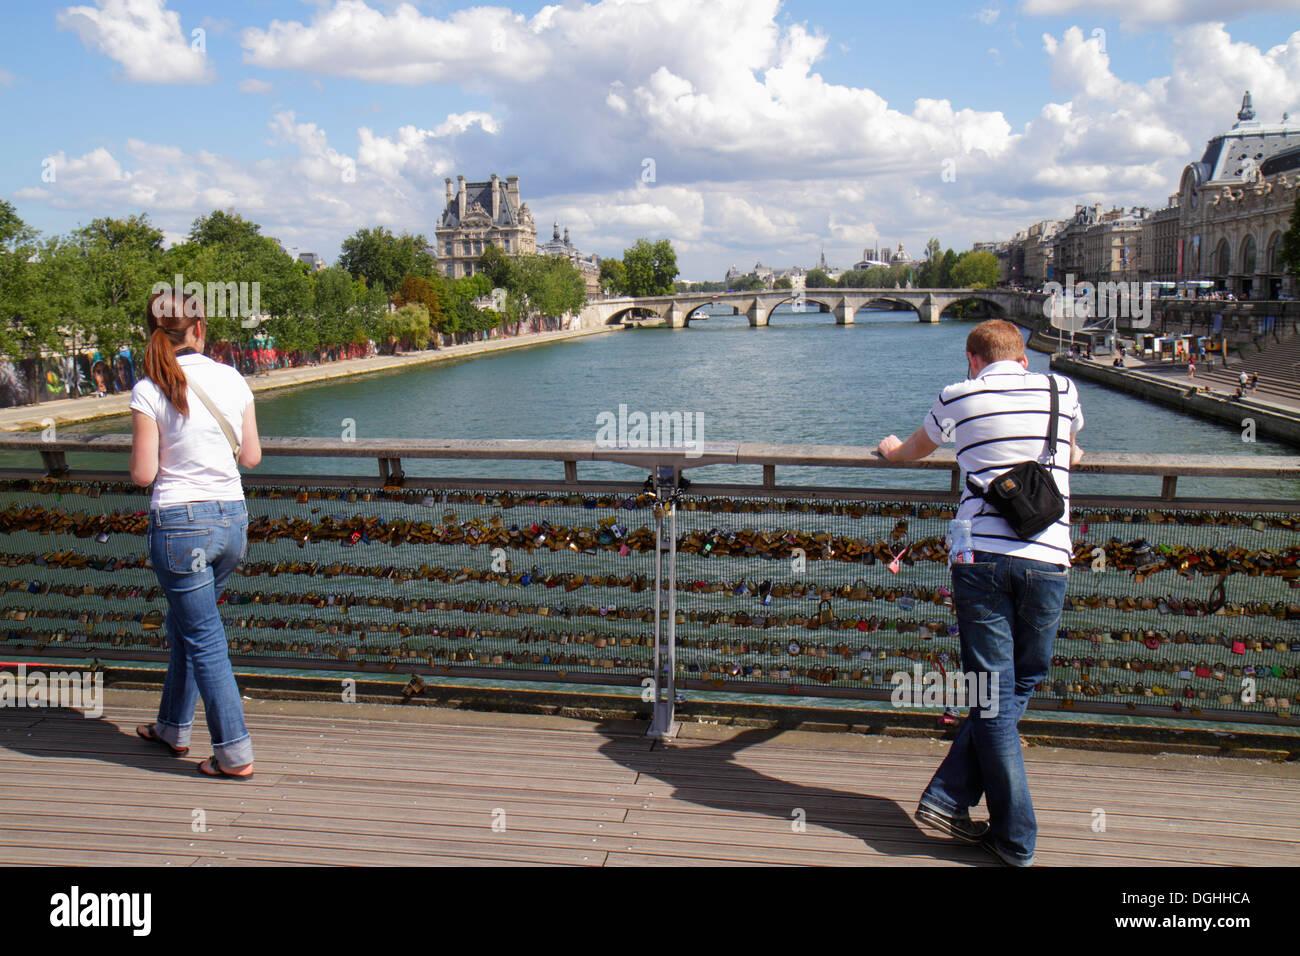 France, Europe, Français, Paris, Seine, la Rive gauche, Berges de Seine, Hôtel de ville, administration locale, immeuble, Passerell Banque D'Images